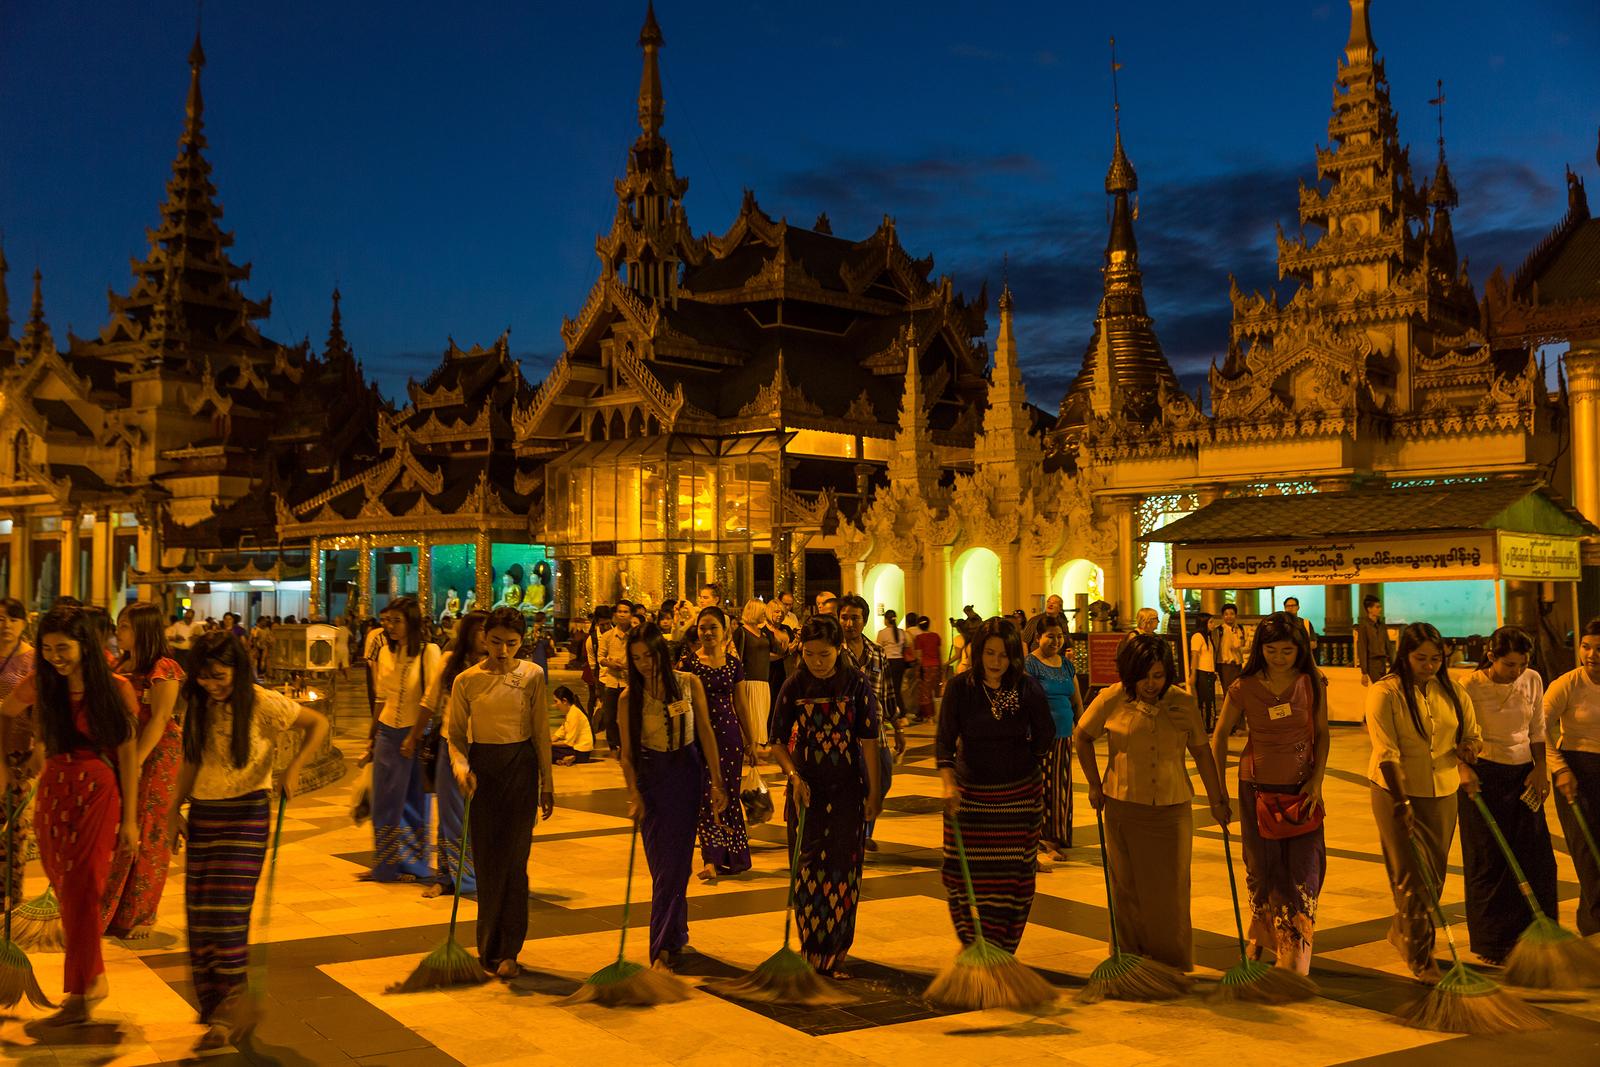 ヤンゴンの街角の風景